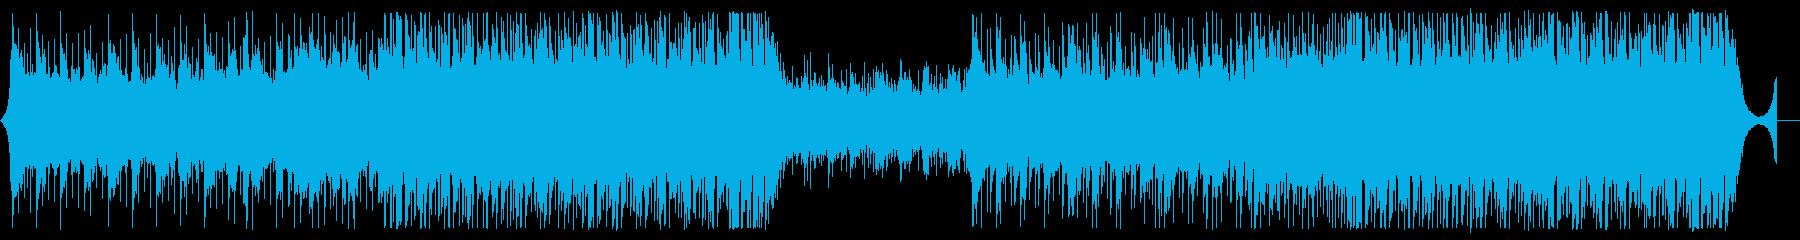 アコギが爽やかなJPOP風BGMの再生済みの波形